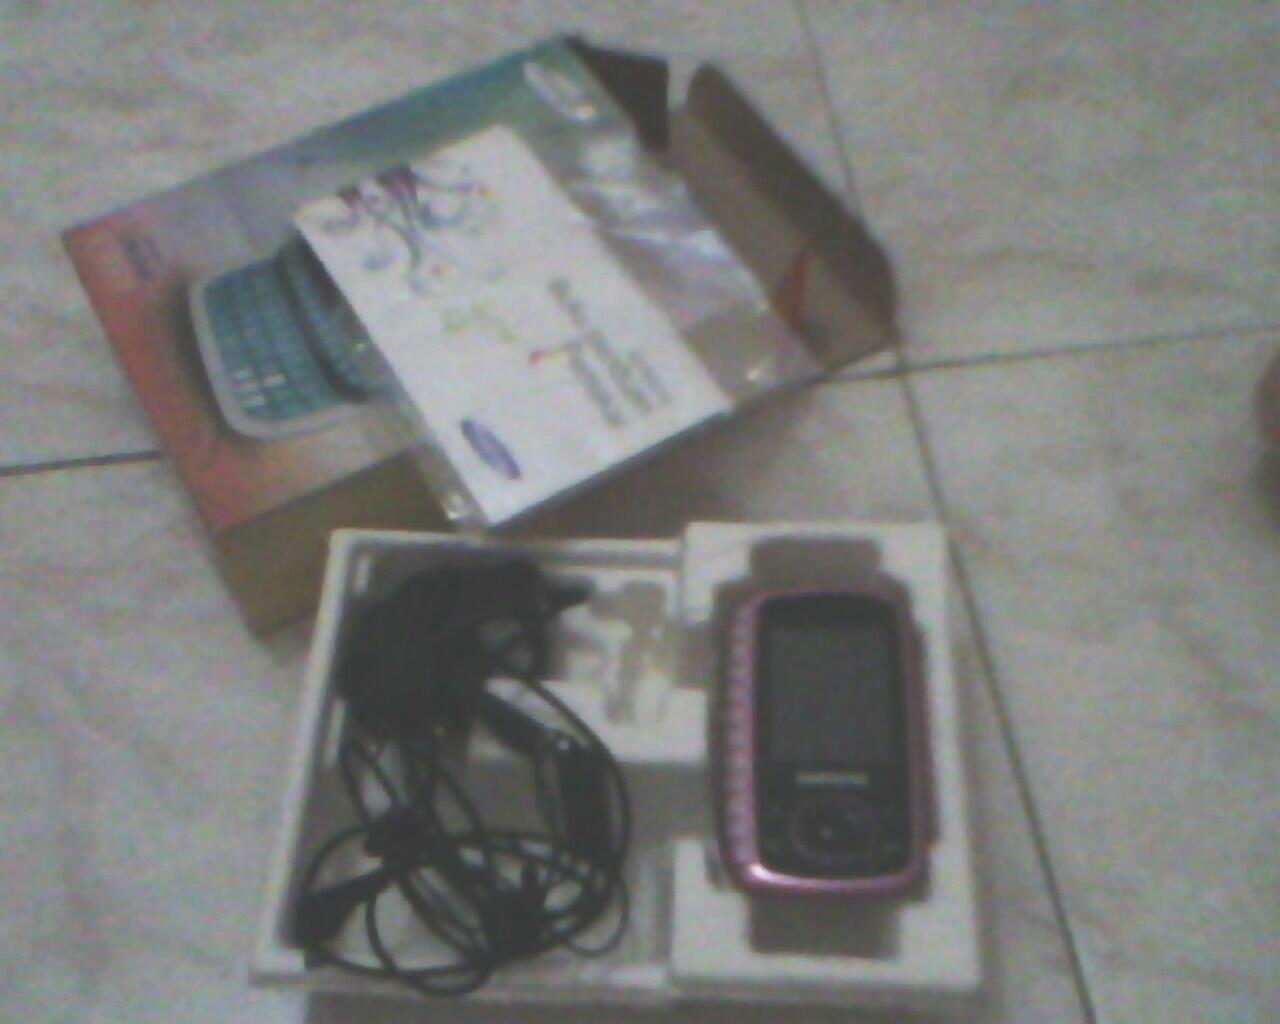 Samsung B3310 SOLO